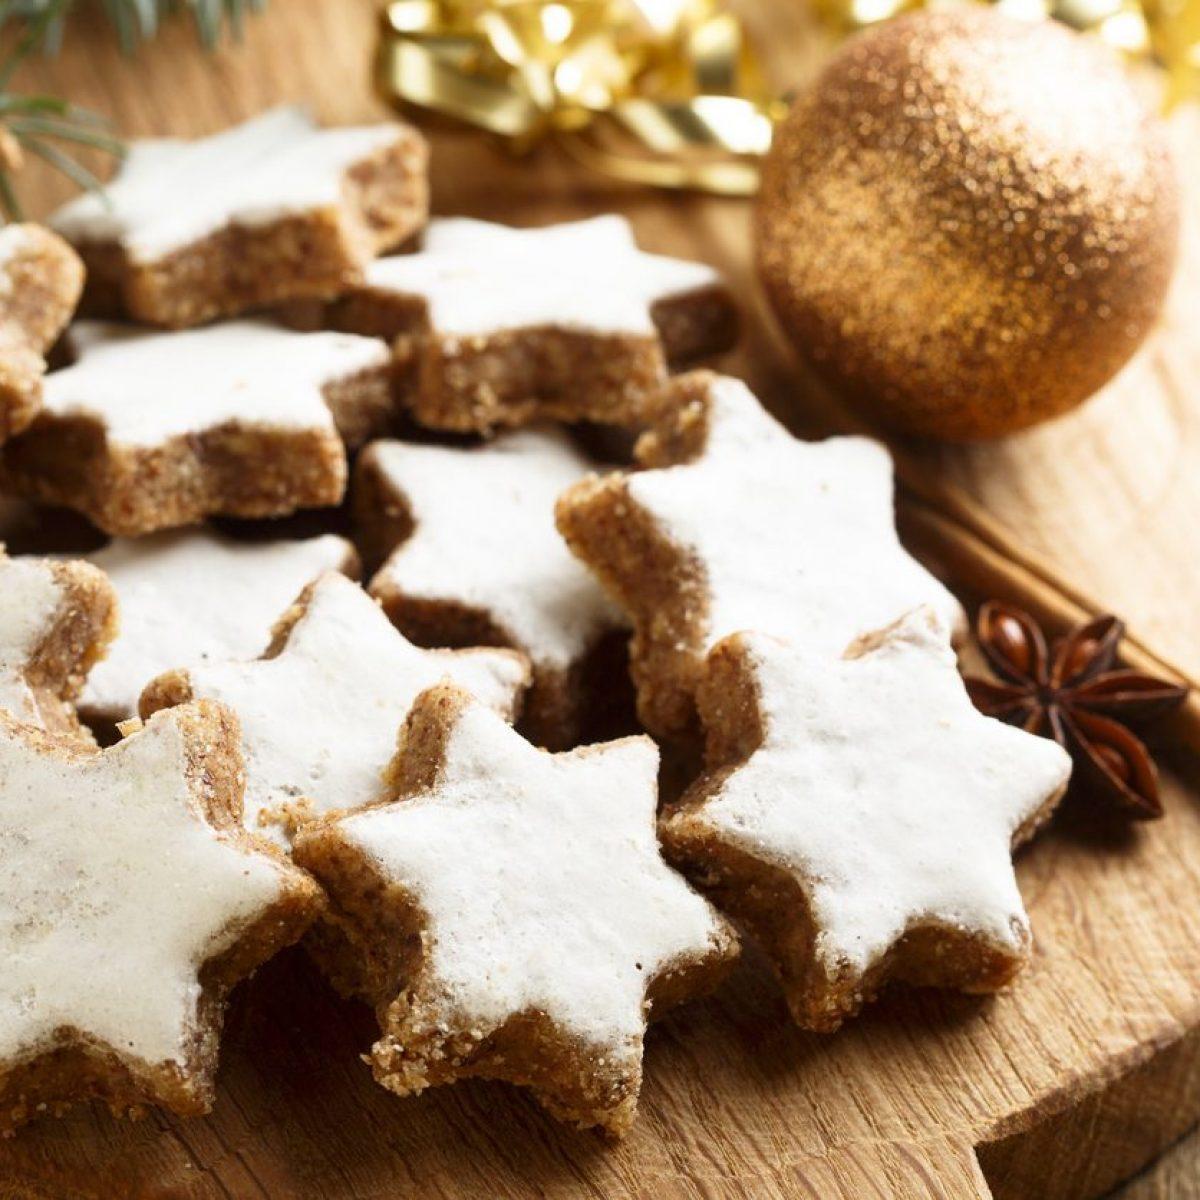 Biscotti Di Natale Zimtsterne.Zimtsterne La Ricetta Originale Dei Biscotti Stella Di Cannella Tedeschi